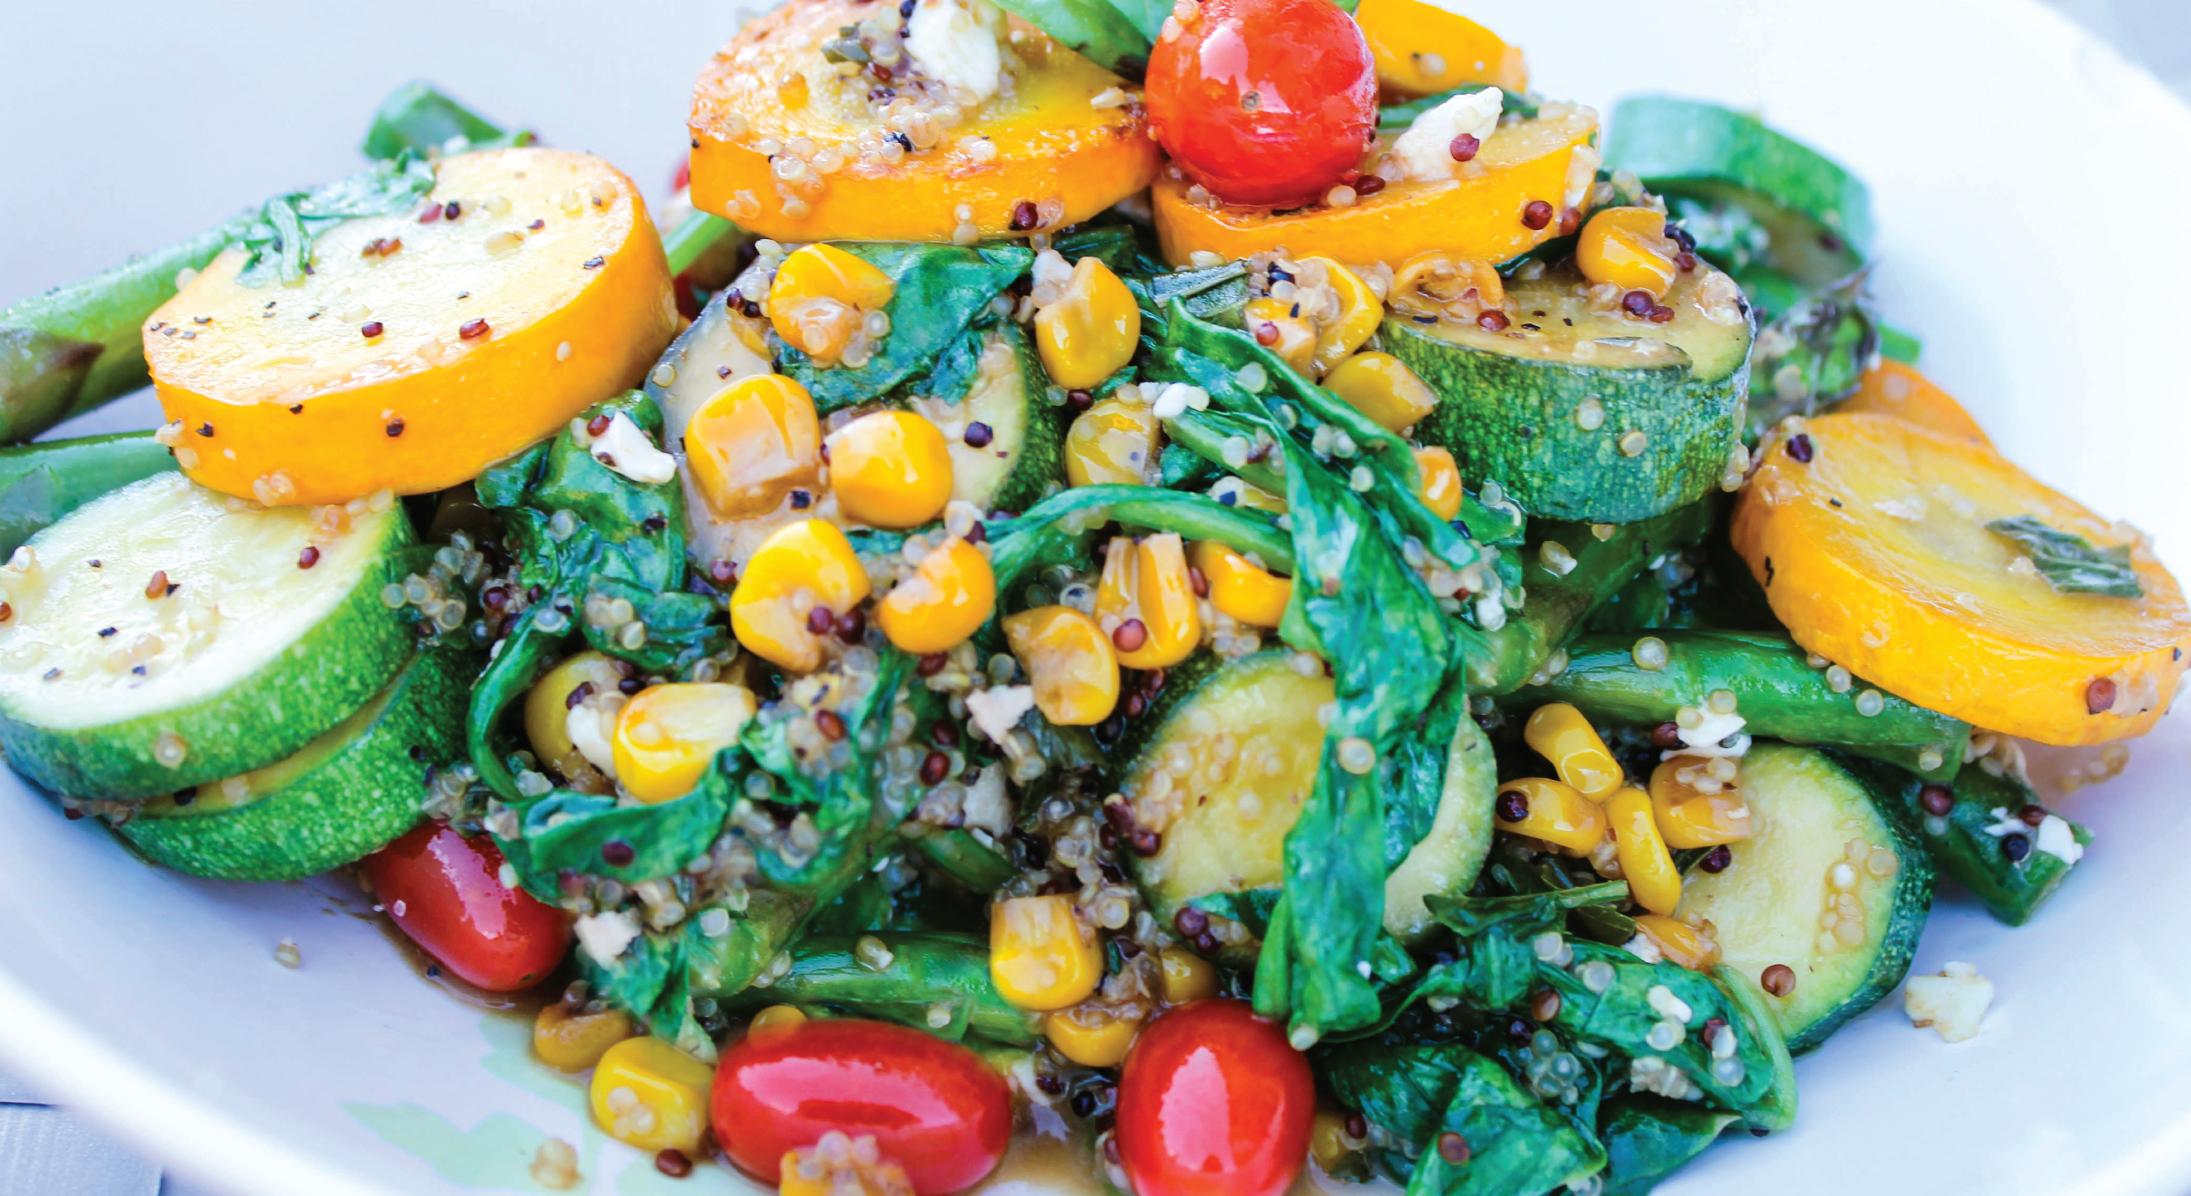 Shiloh Farms Summer Quinoa Salad with Squash & Corn